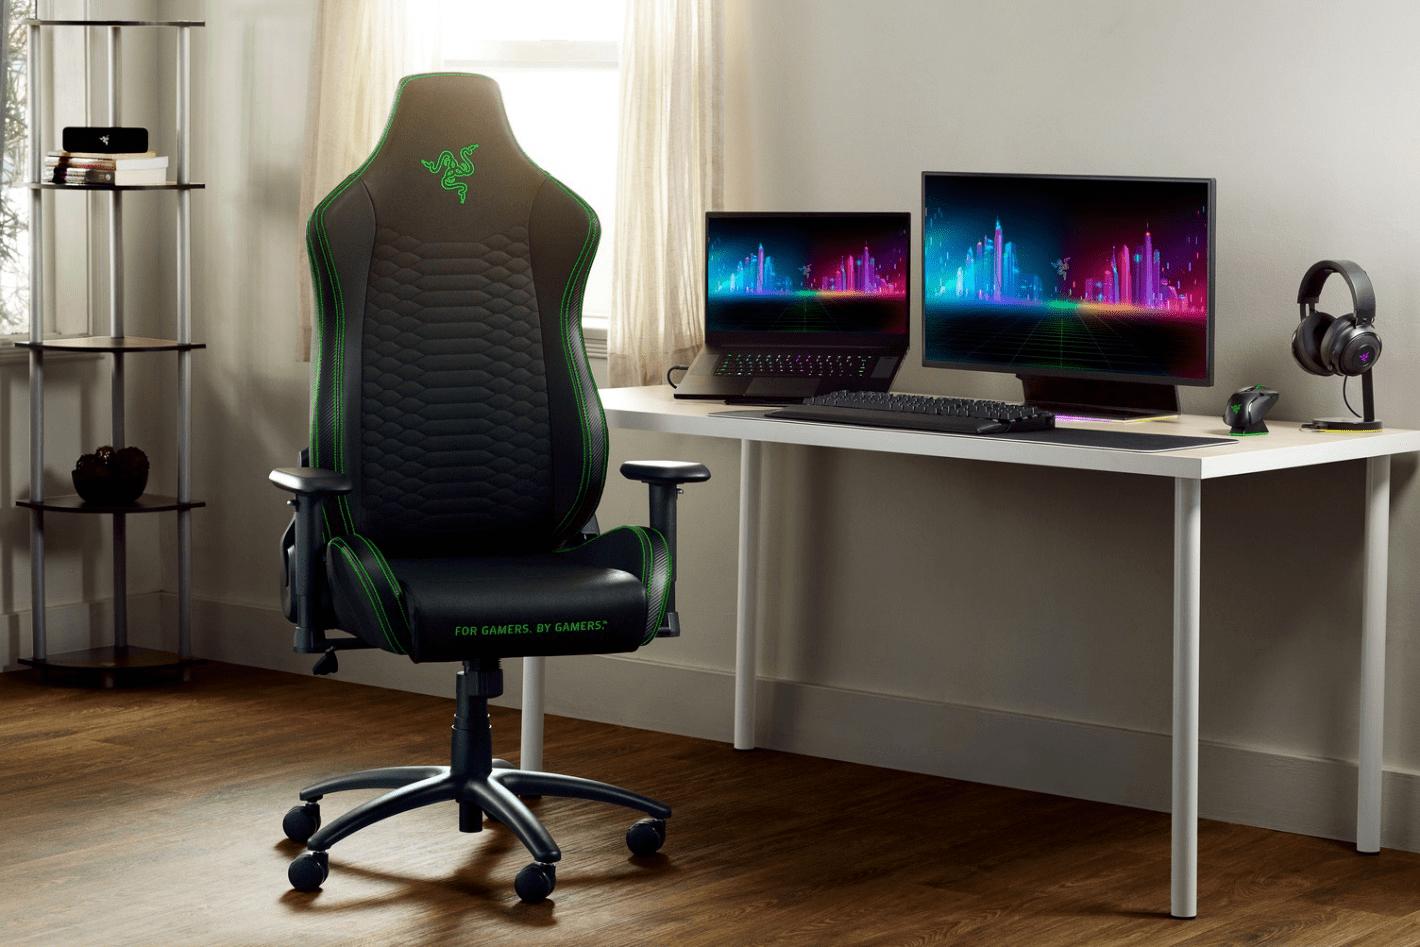 RAZER ra mắt ghế gaming ISKUR X - phụ kiện chơi game xứng tầm game thủ chuyên nghiệp